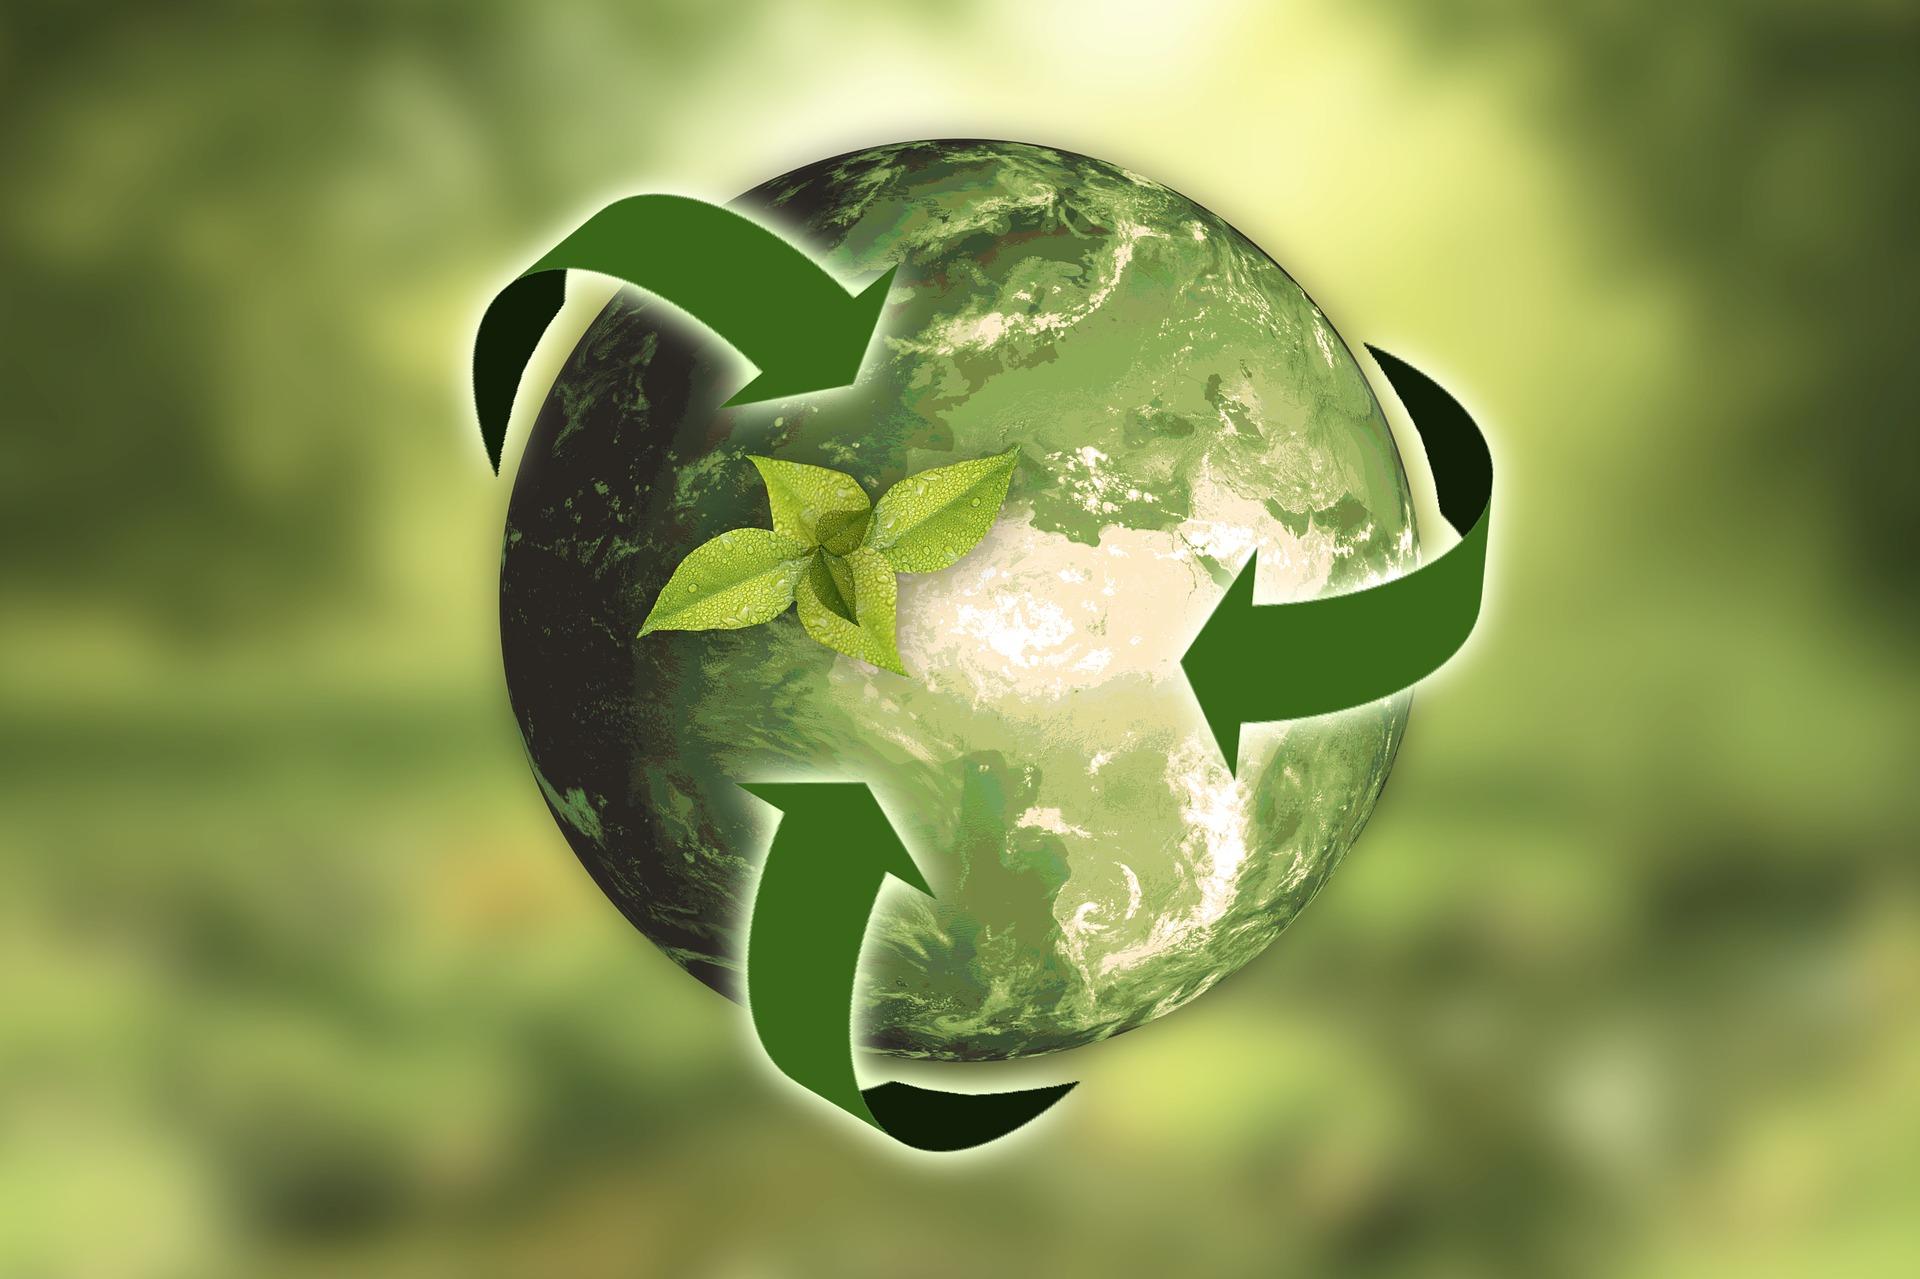 Nettoyer sa maison grâce aux produits écologiques 3